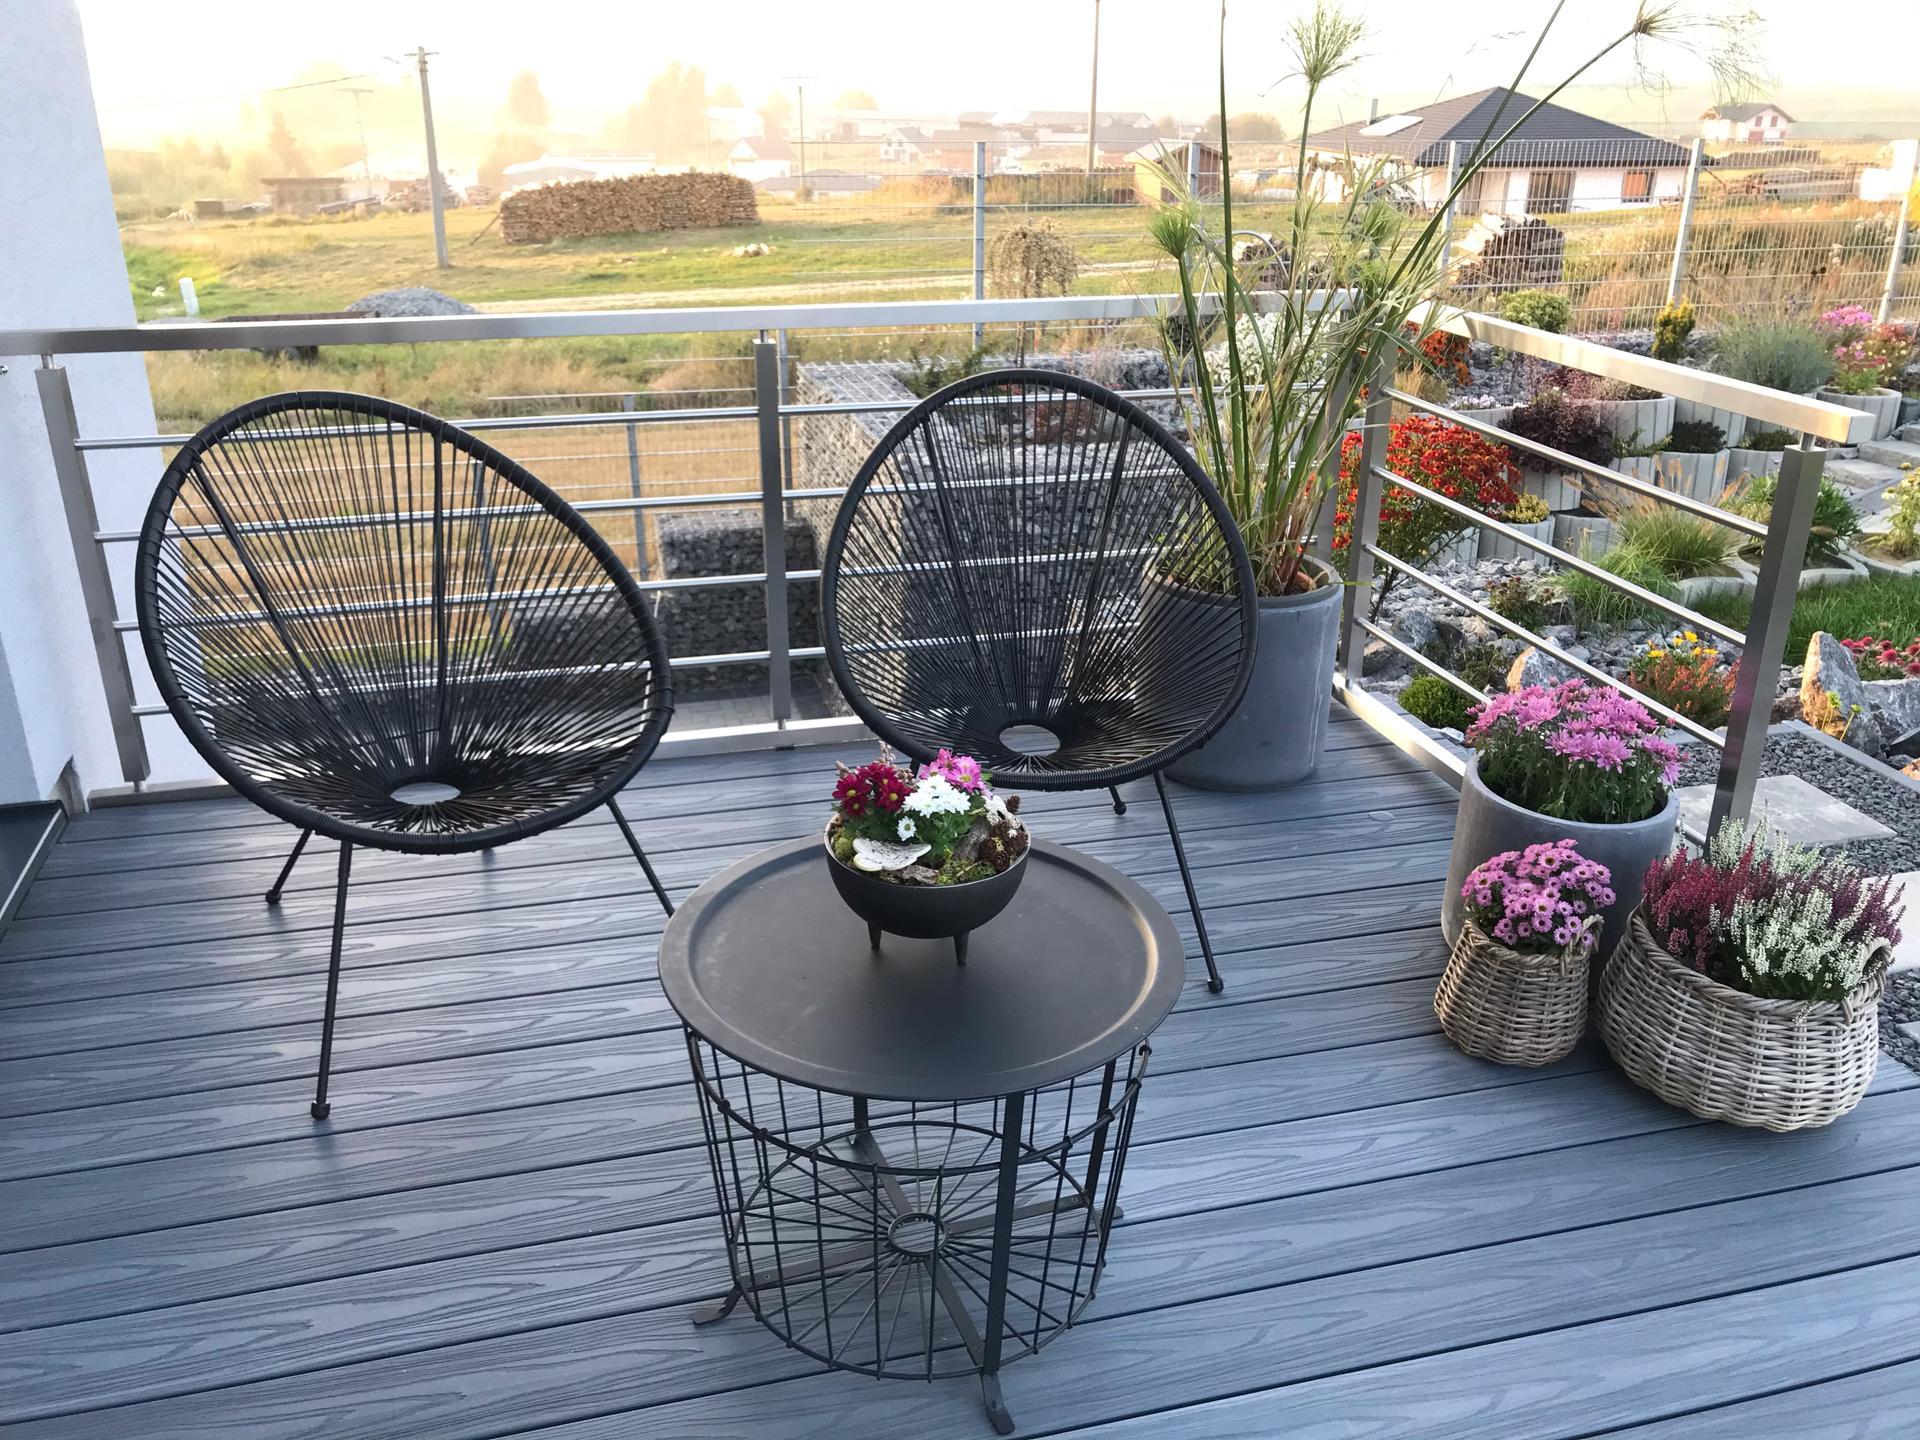 Začiatok 3. roku bývania vo vytúženom domčeku - Dnes kúpené a zasadené mini chryzantémy- radosť z lidla😉